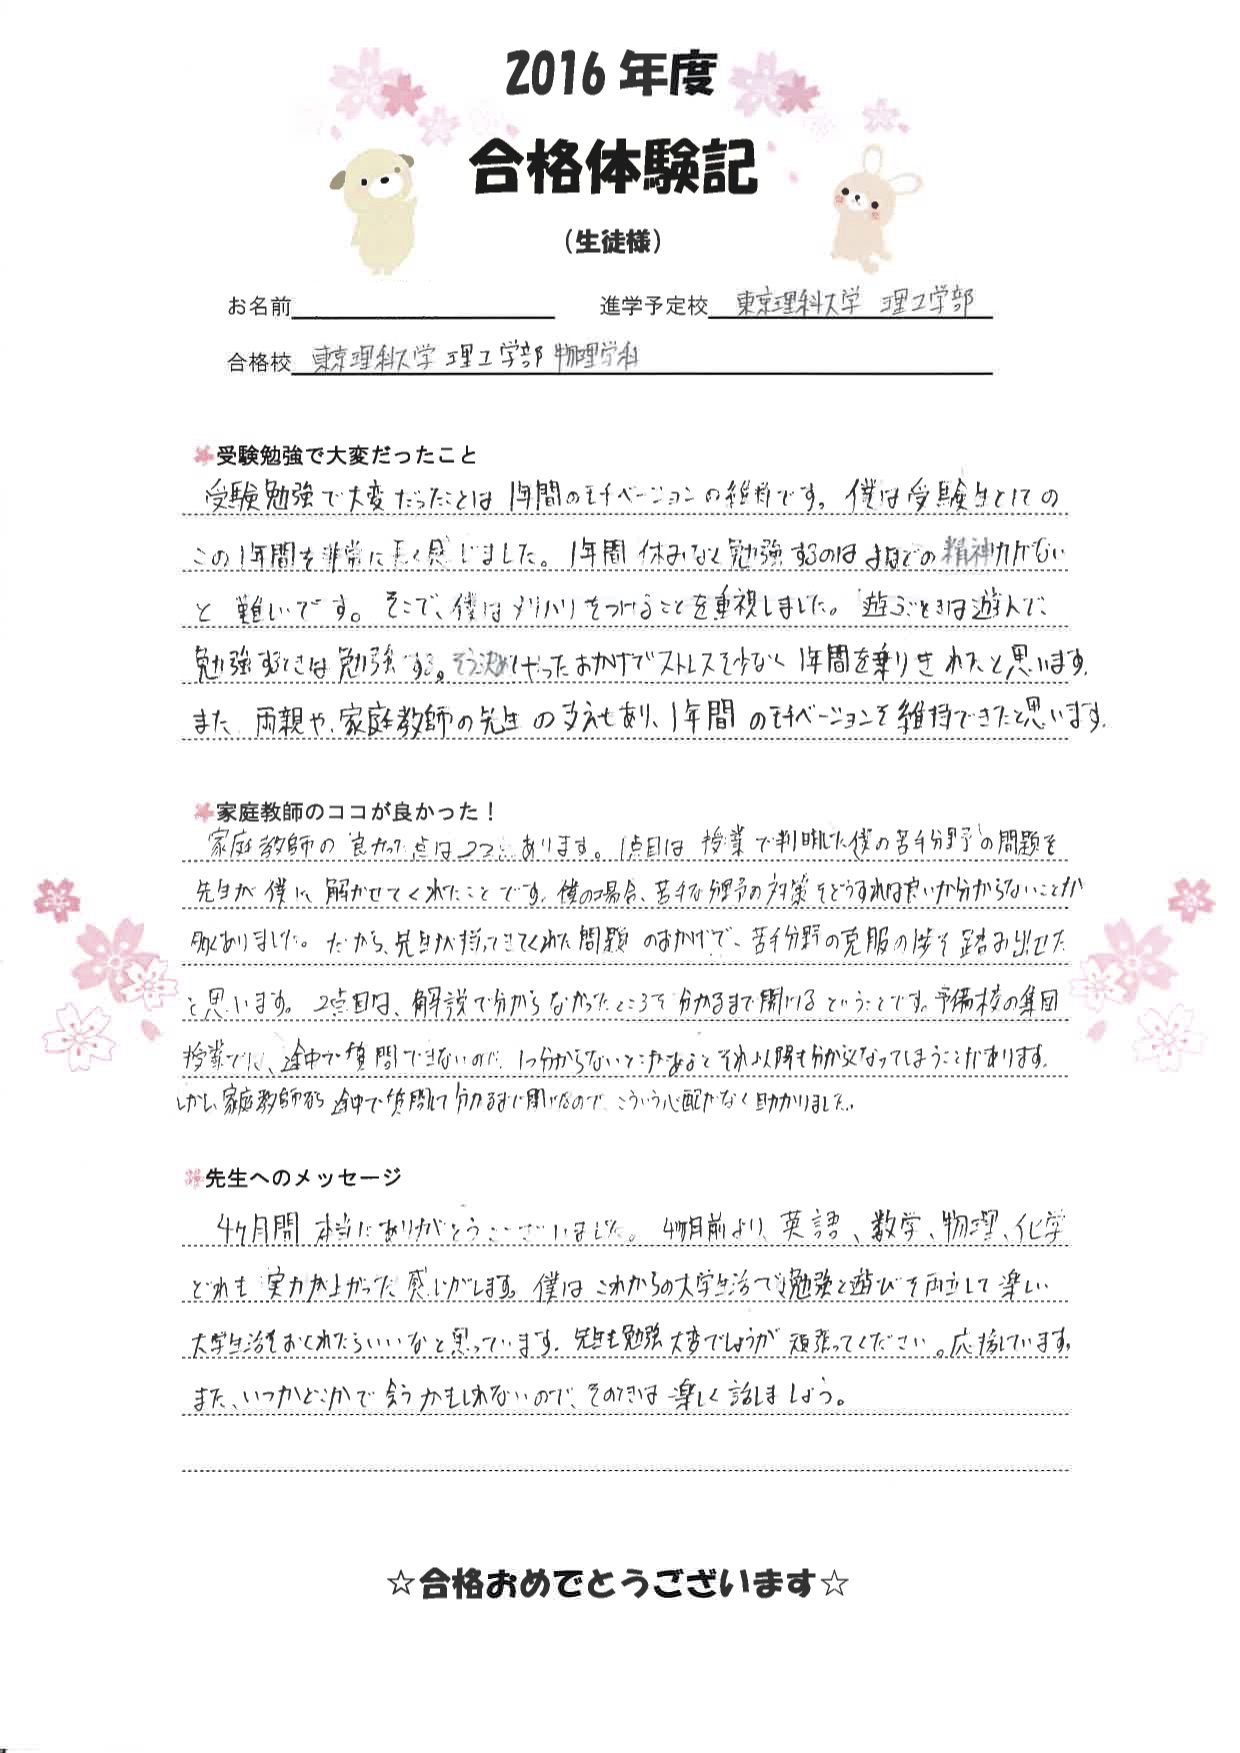 【加工済み】合格体験記18